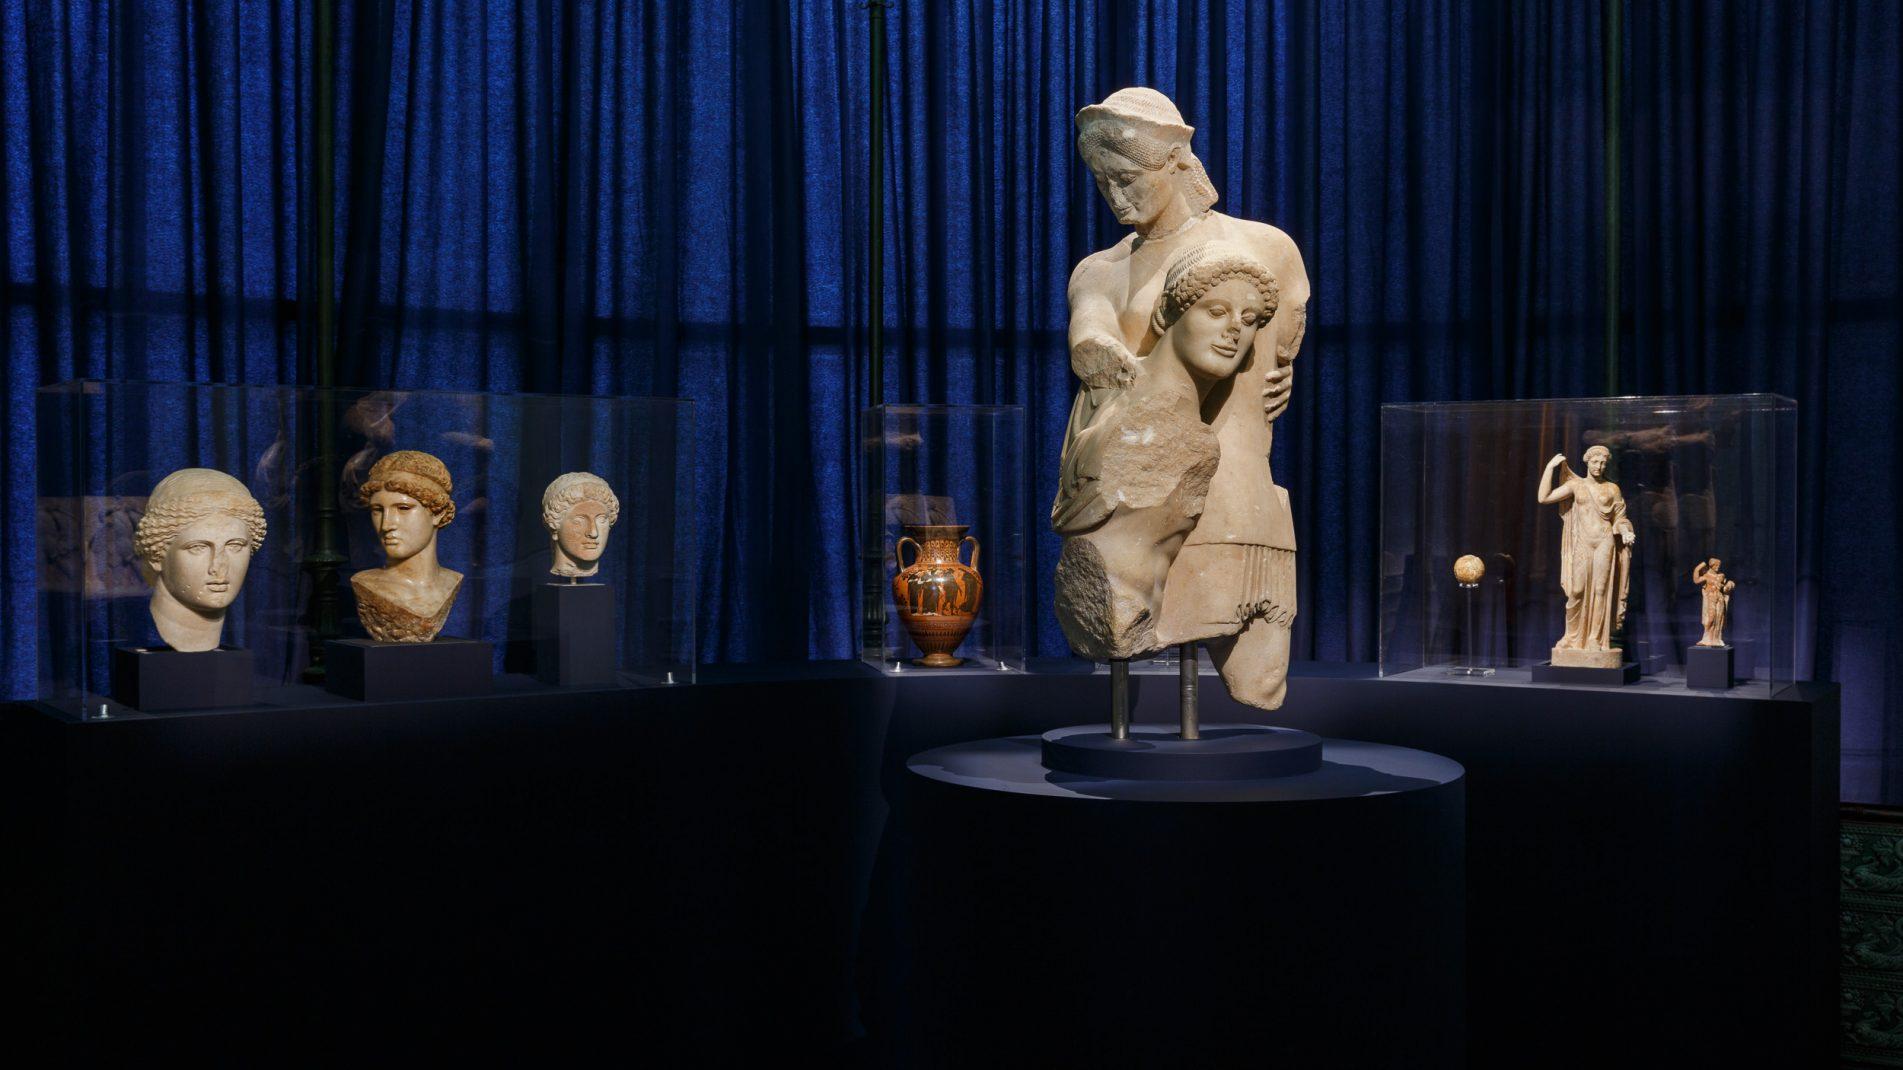 Φωτό. Πάρις Ταβιτιάν © Μουσείο Κυκλαδικής Τέχνης